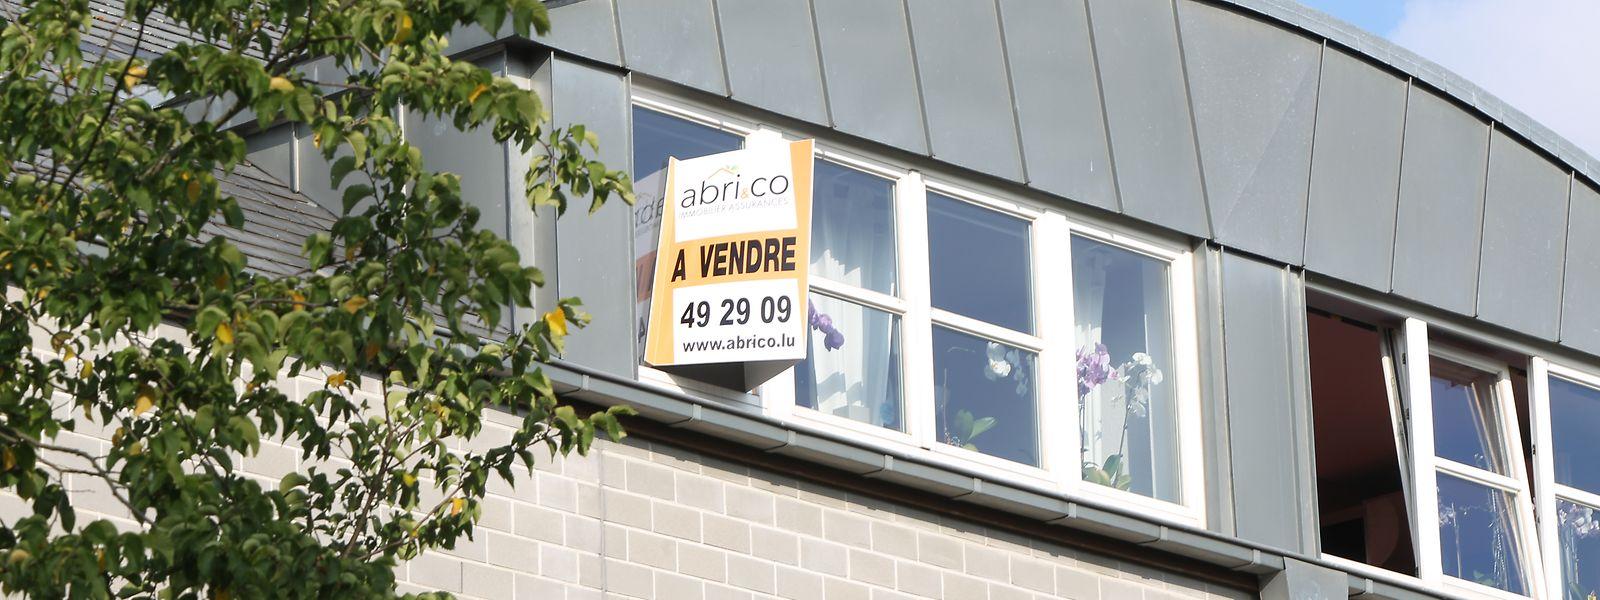 Les ménages résidents n'ont pas l'intention d'acheter un bien immobilier dans les douze prochains mois.